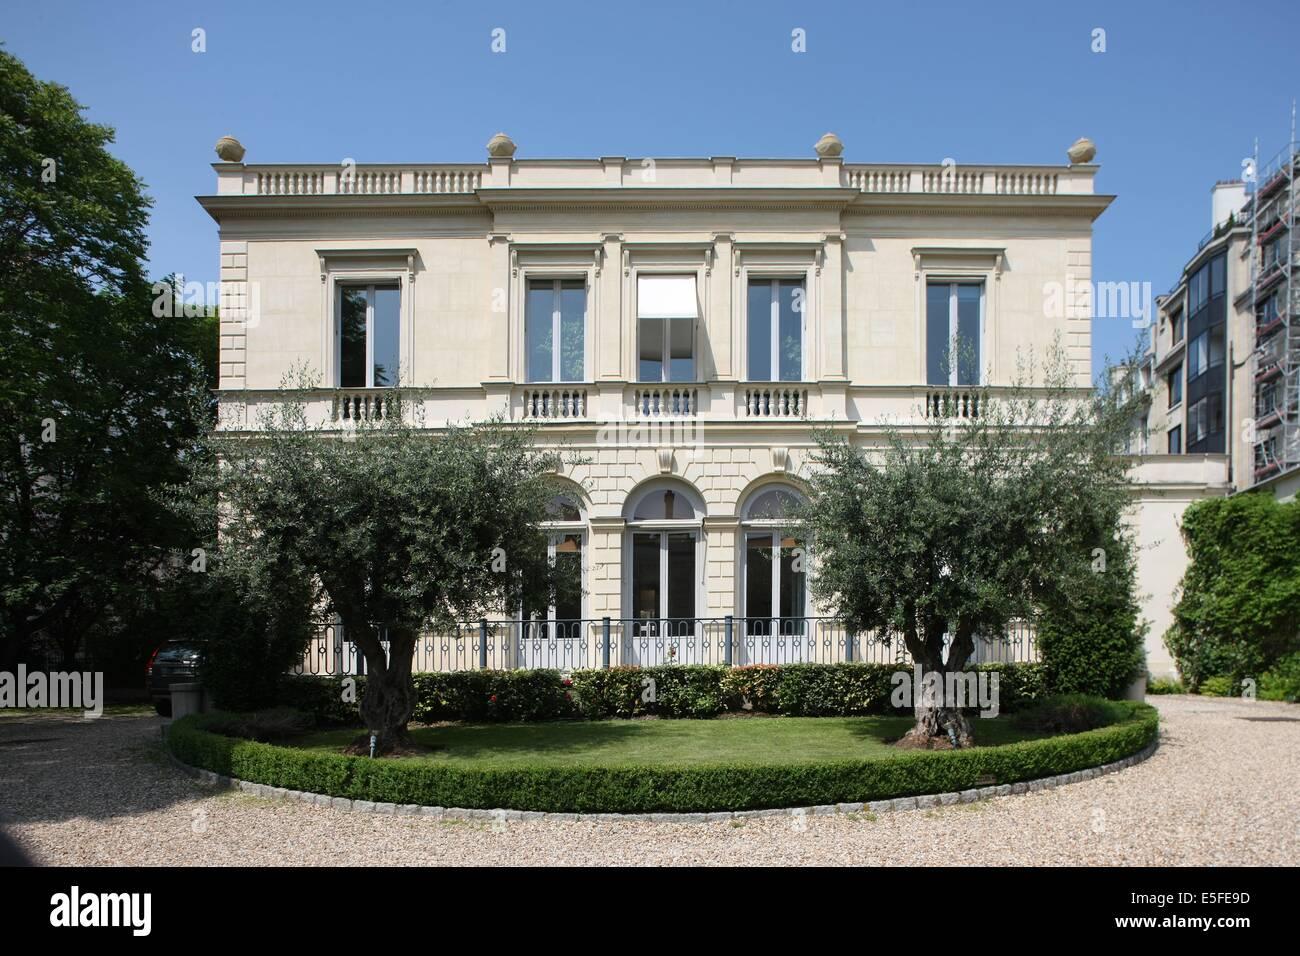 France, ile de france, paris 9e, nouvelle athenes, 2 rue de la tour des dames, hotel particulier,   Date : Ete 2012 - Stock Image